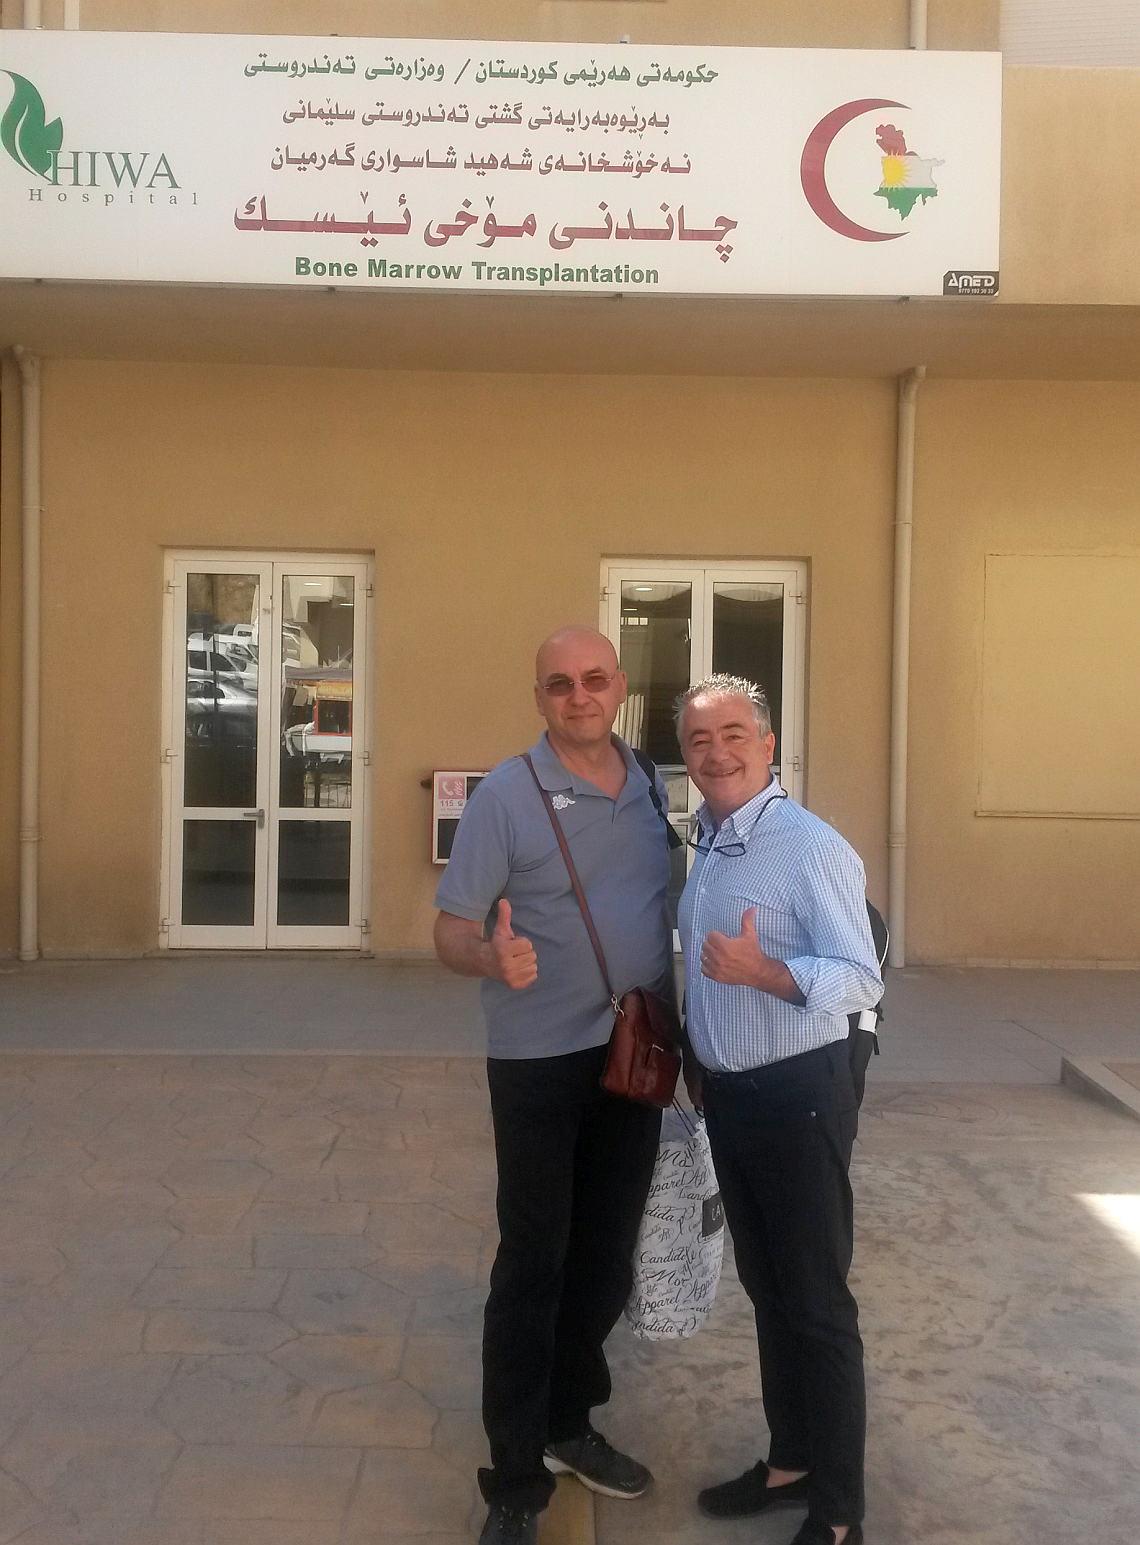 Salvatore Carollo ed Eugenio Guerriero in Iraq